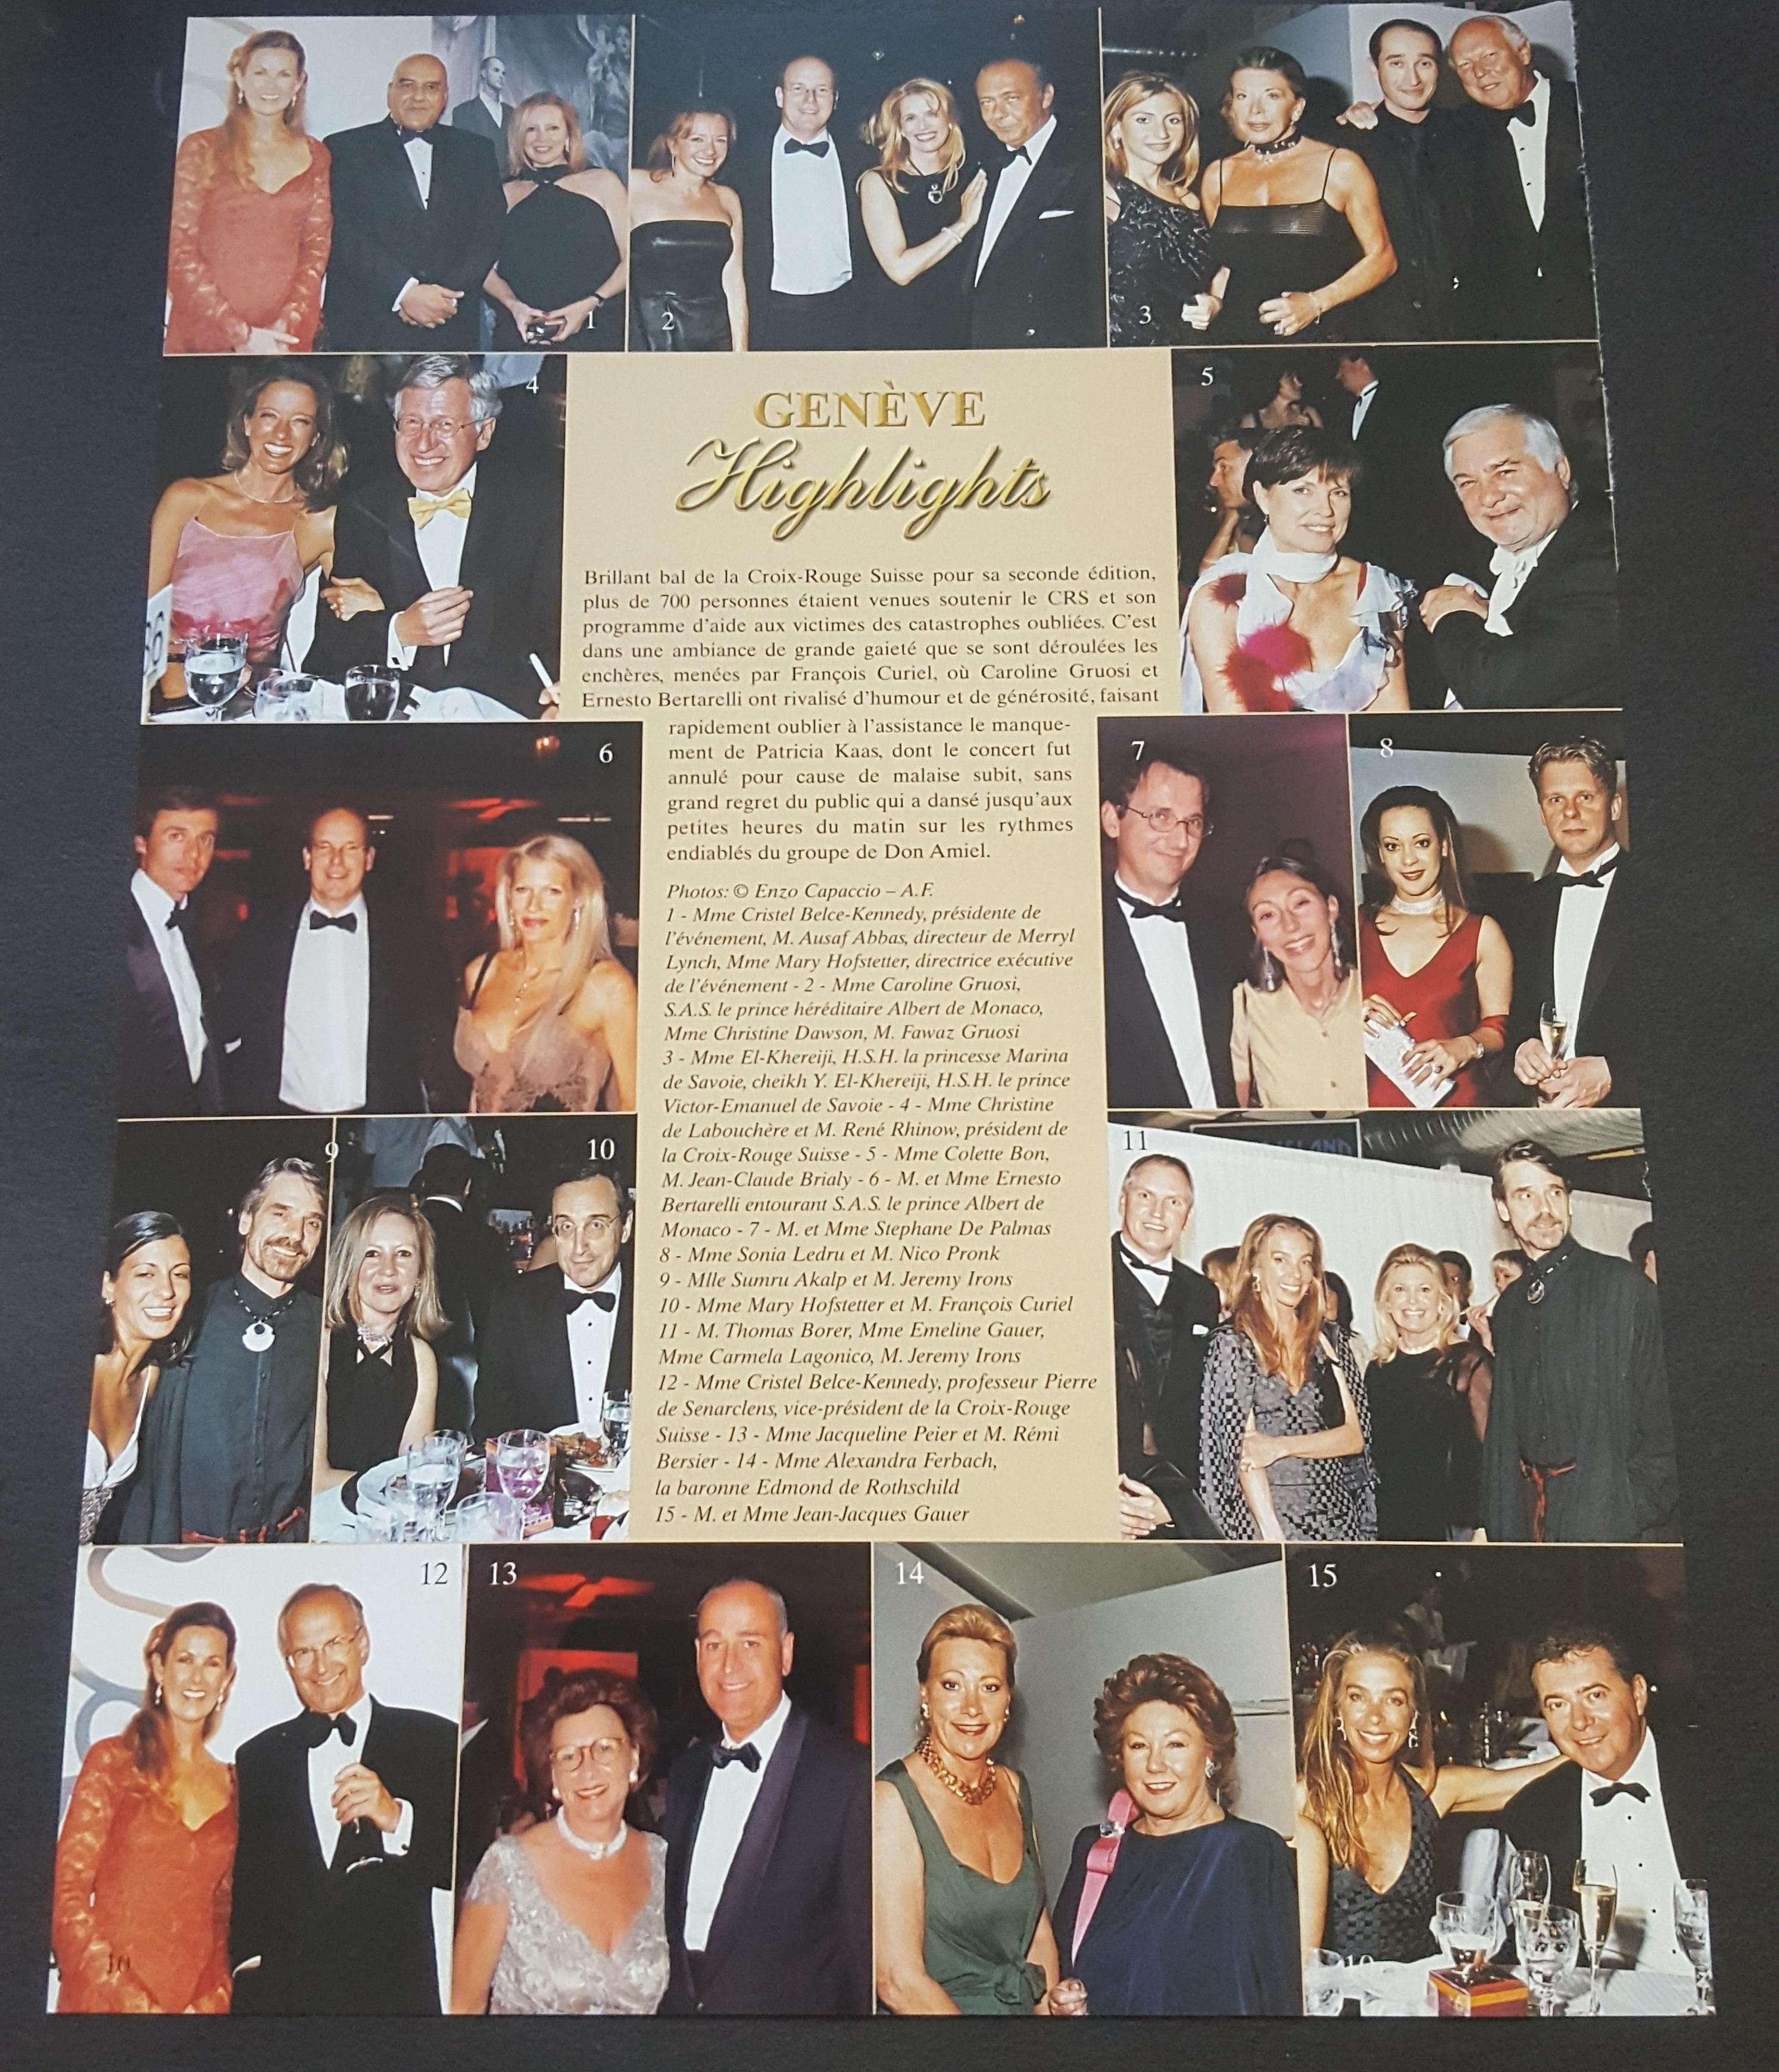 2003 Geneva Highlights